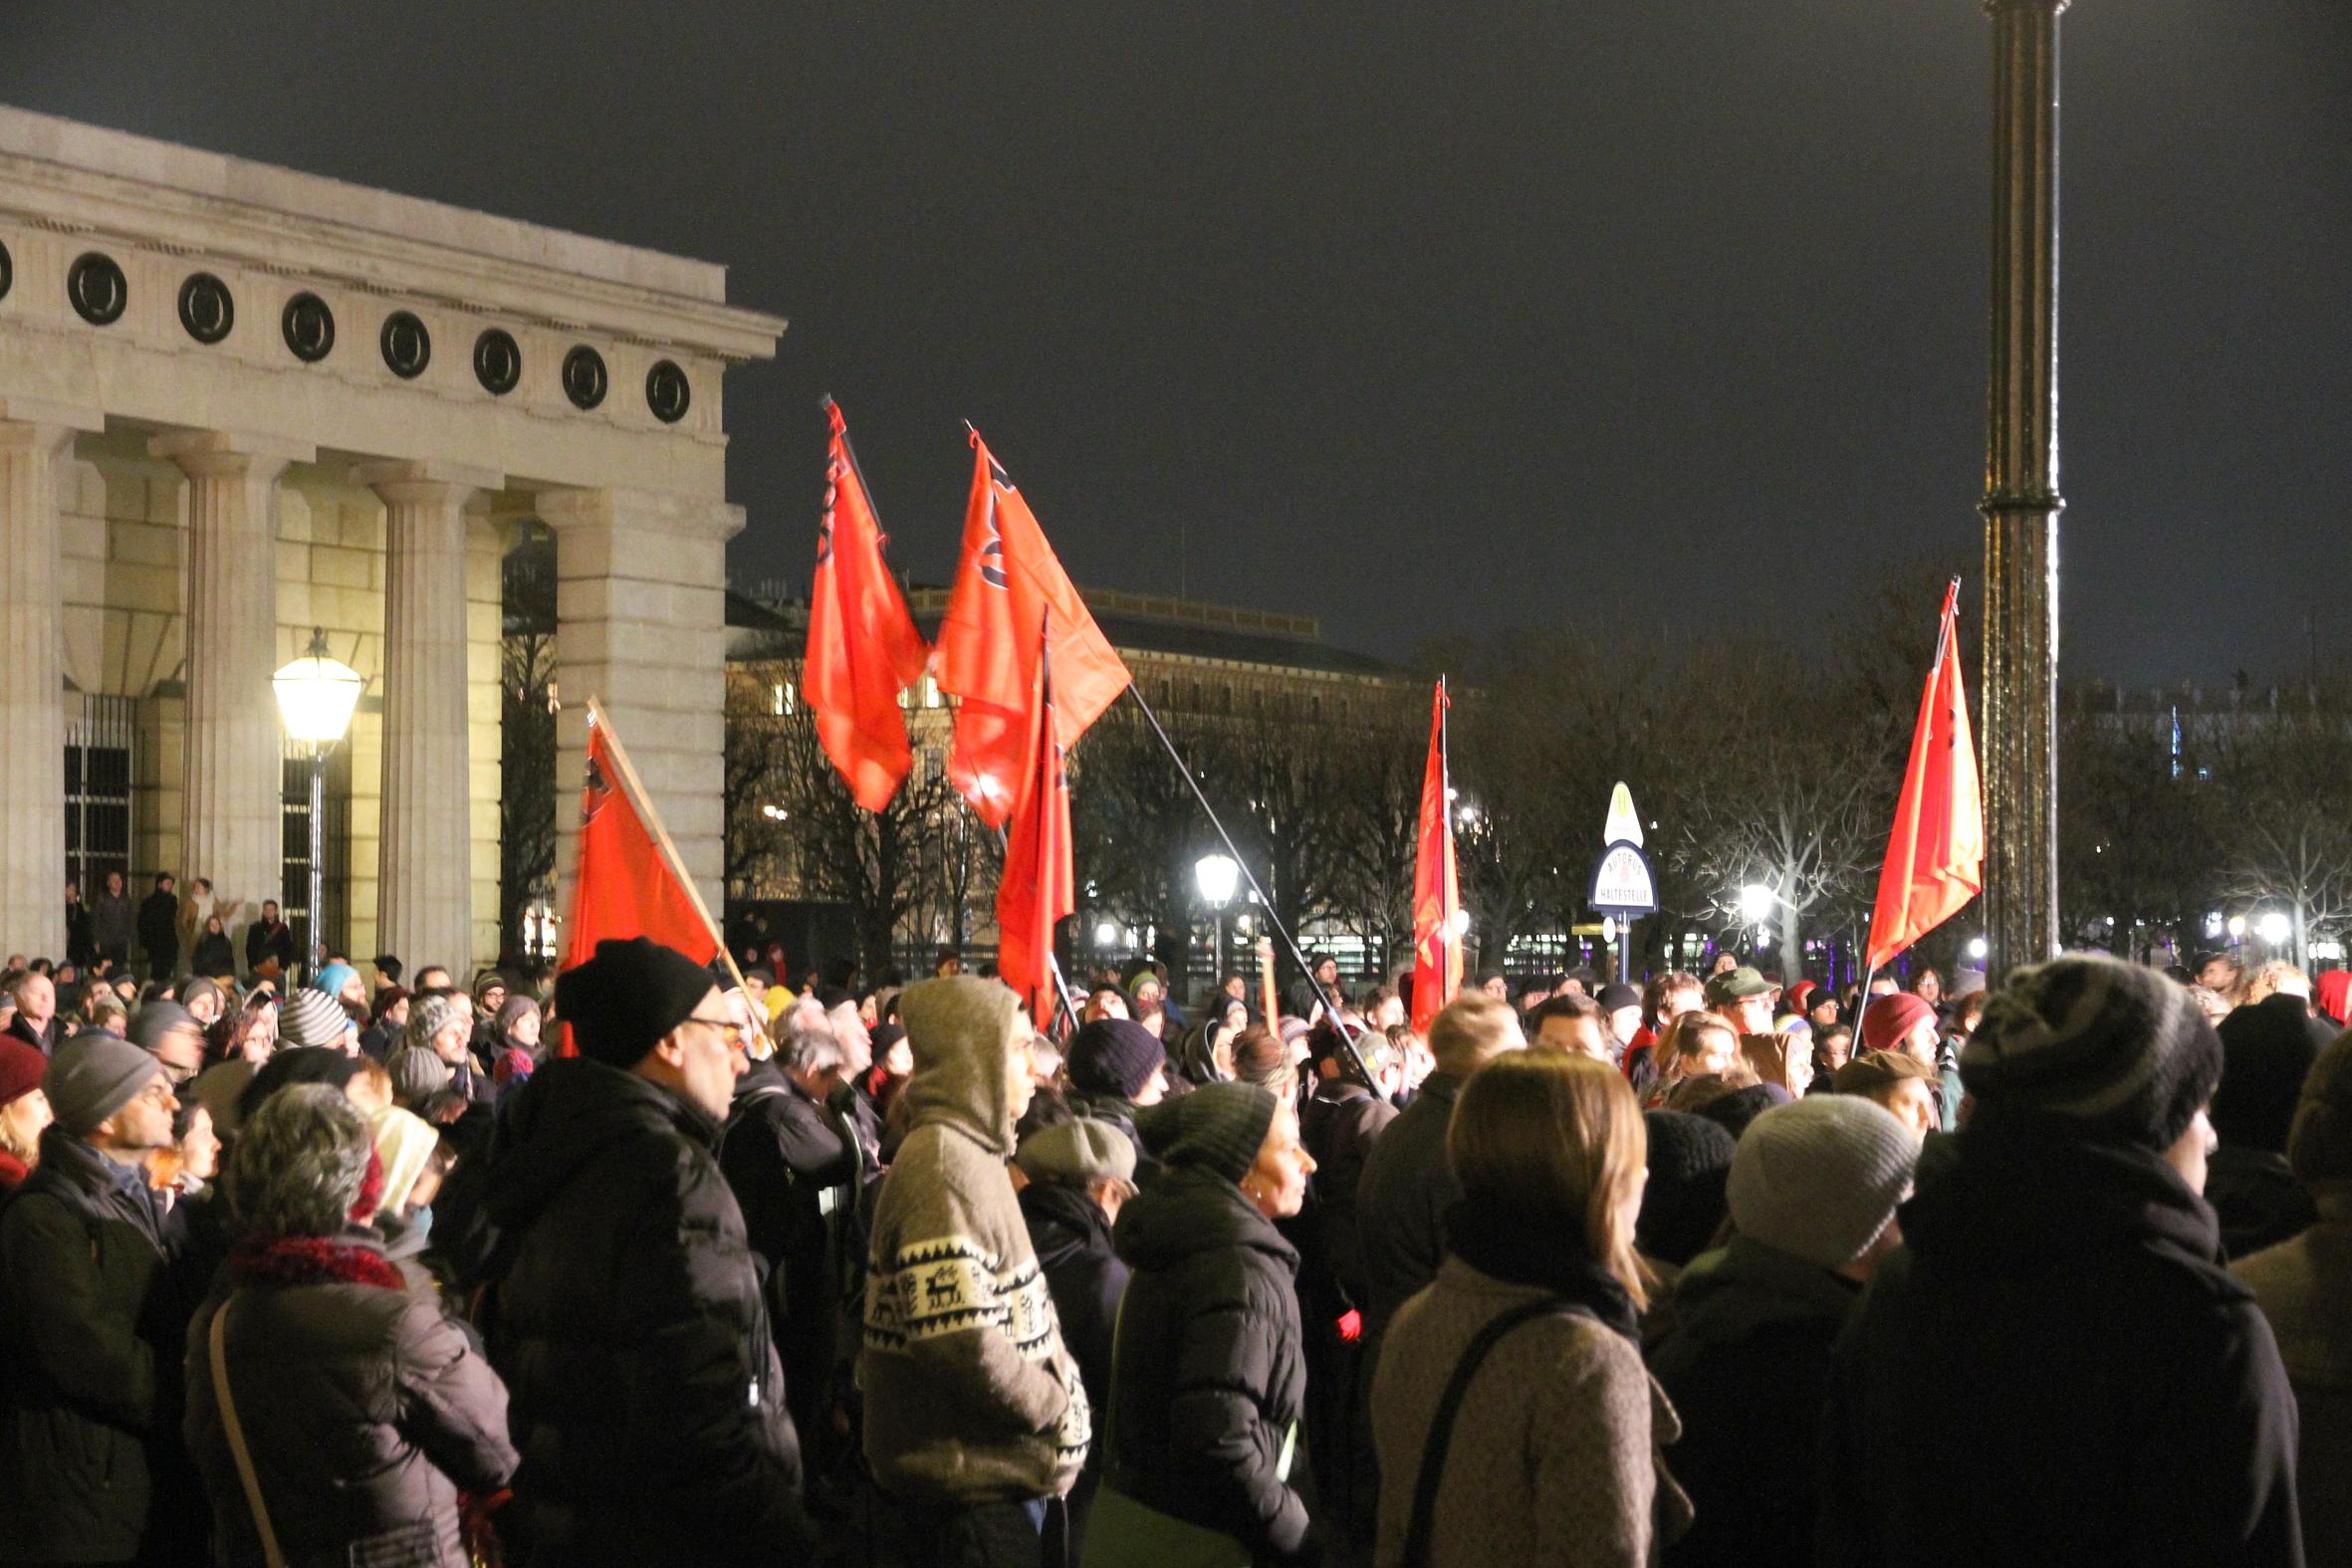 """Am Freitag den 1.2. kam es in Wien wie zu erwarten zu massiven Protesten und teilweise erfolgreichen Blockaden gegen den FPÖ-""""Akademikerball"""". Diese unverhohlene Nachfolgeveranstaltung des 2012 aus der Hofburg verbannten […]"""